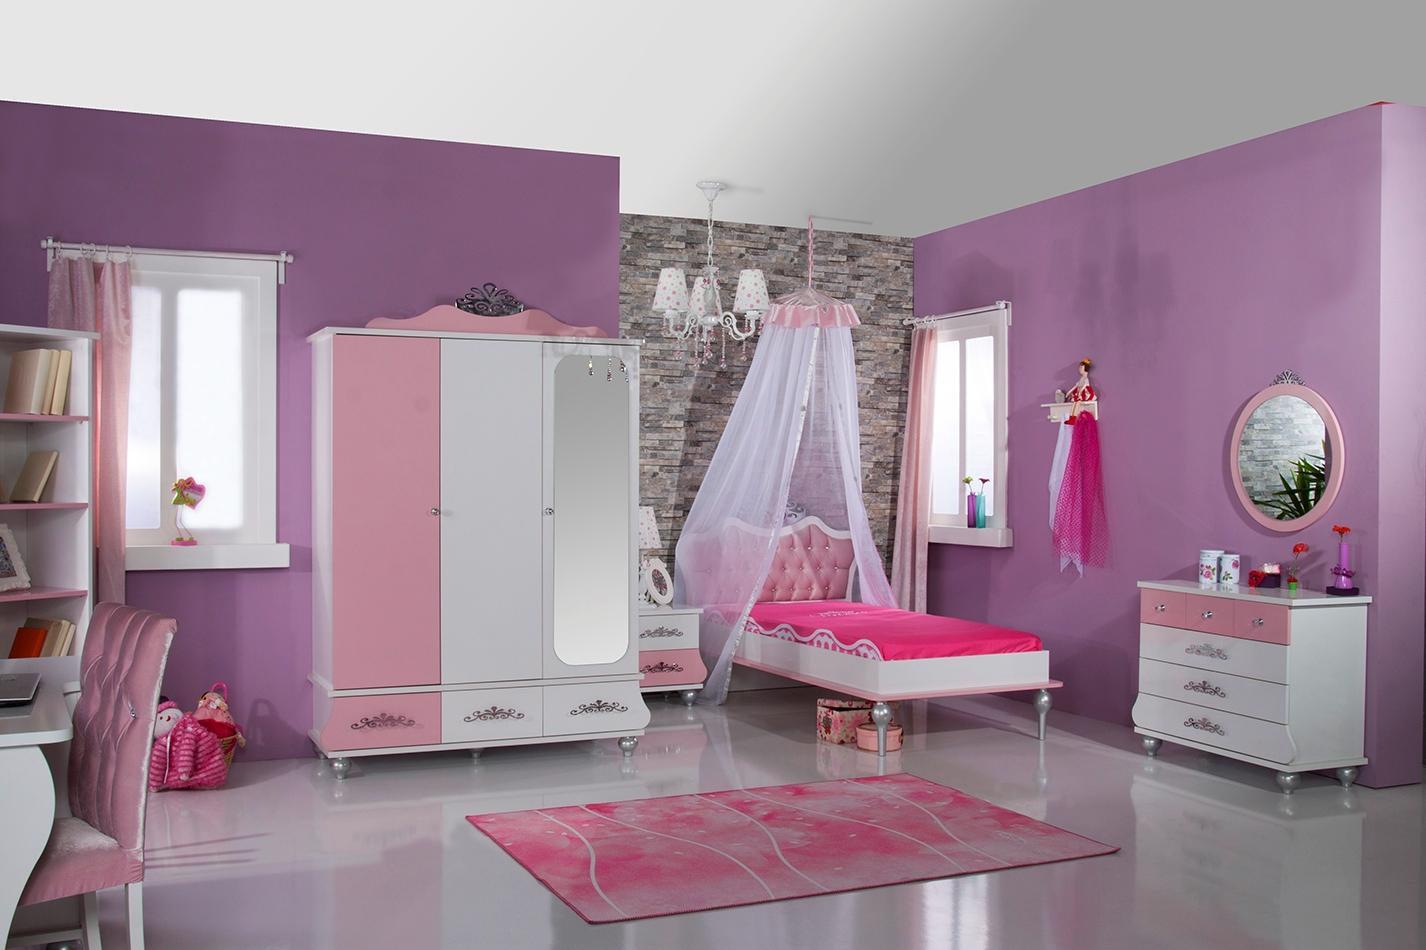 Kinderkamer Rosa : Prinses kinderkamer meisjeskamer roze Kinderkamer ...